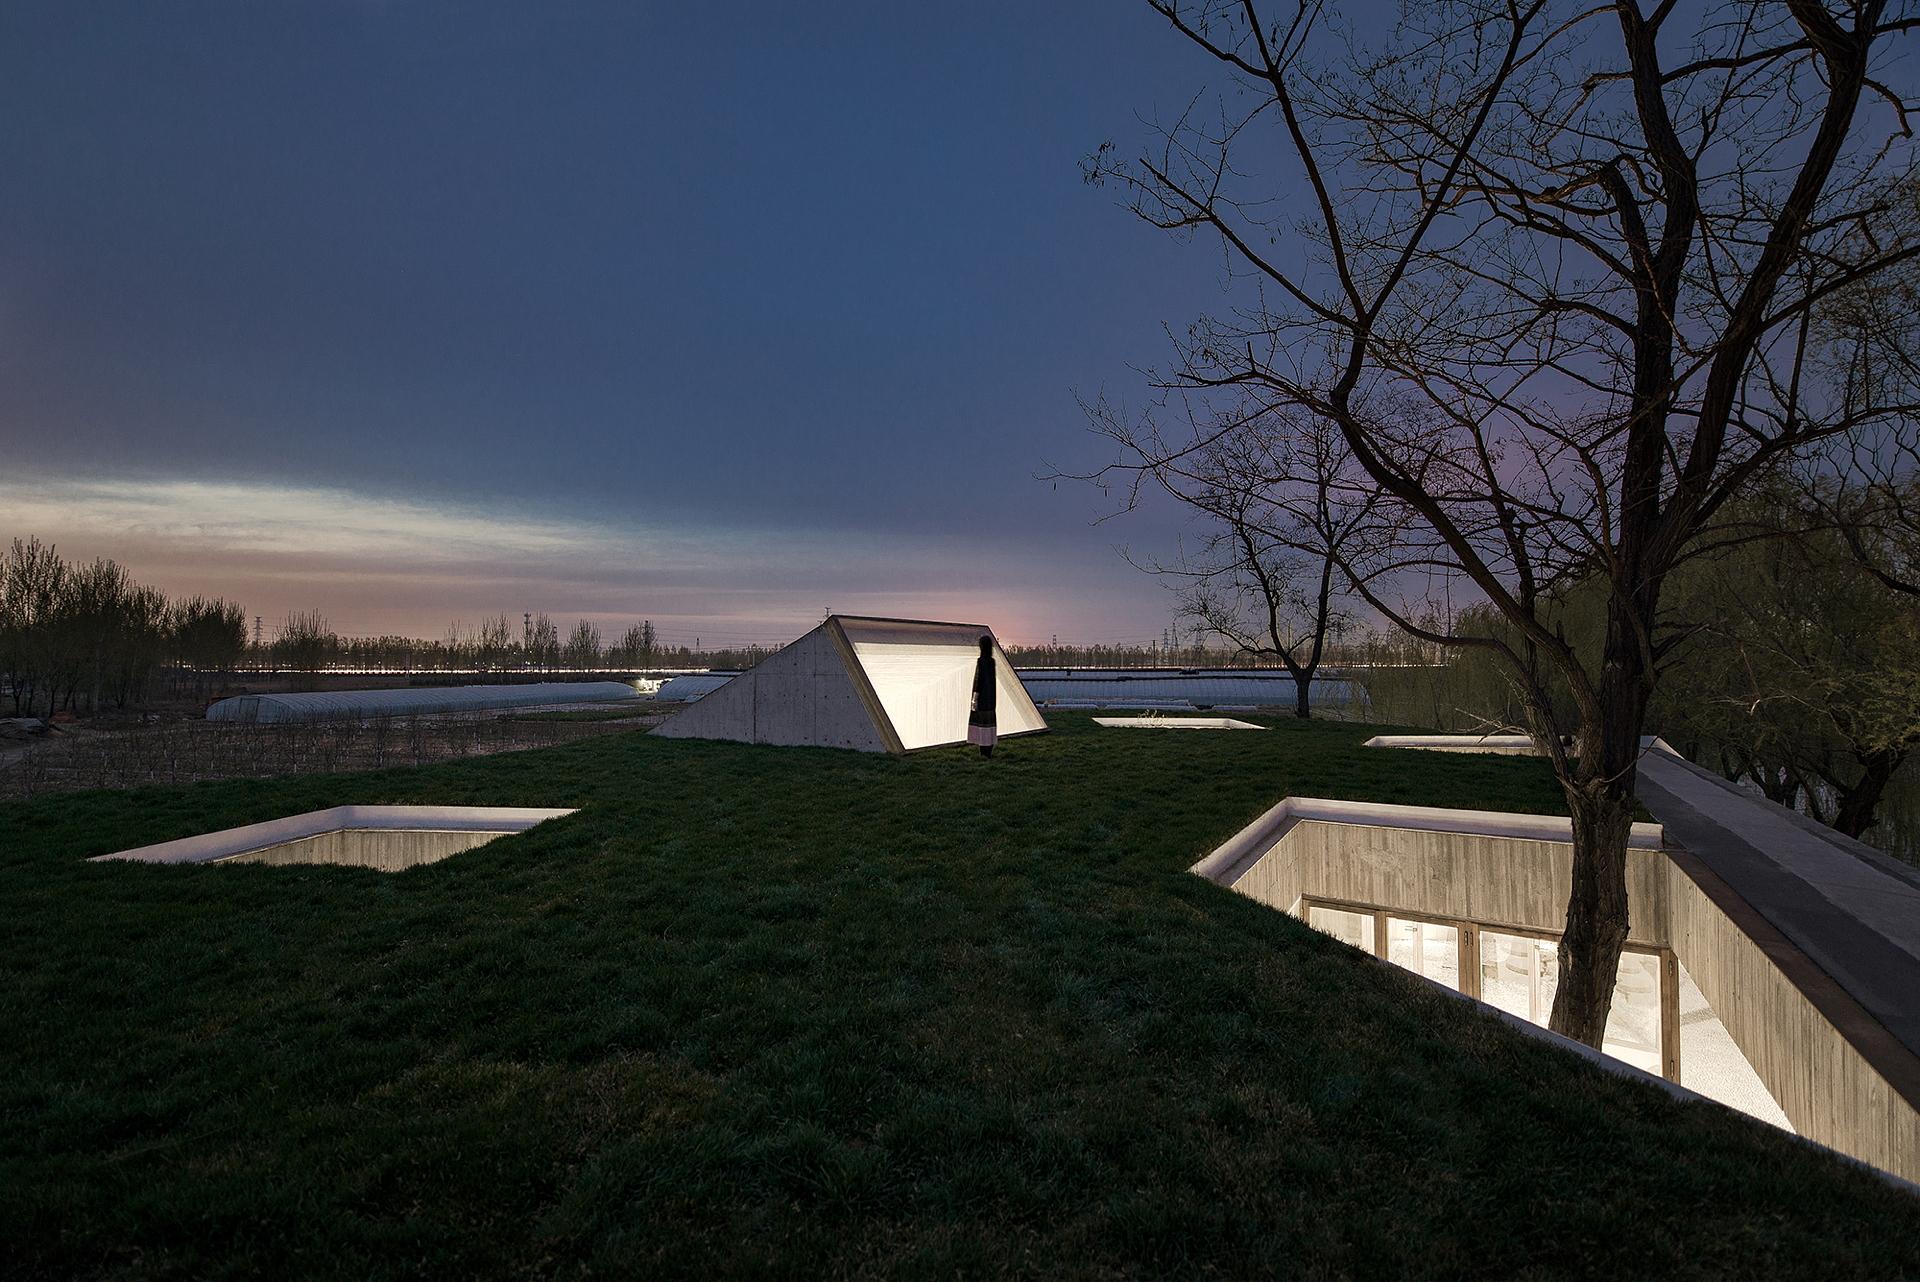 Archstudio réalise un temple bouddhiste sur les rives du fleuve à Tangshan (Chine)